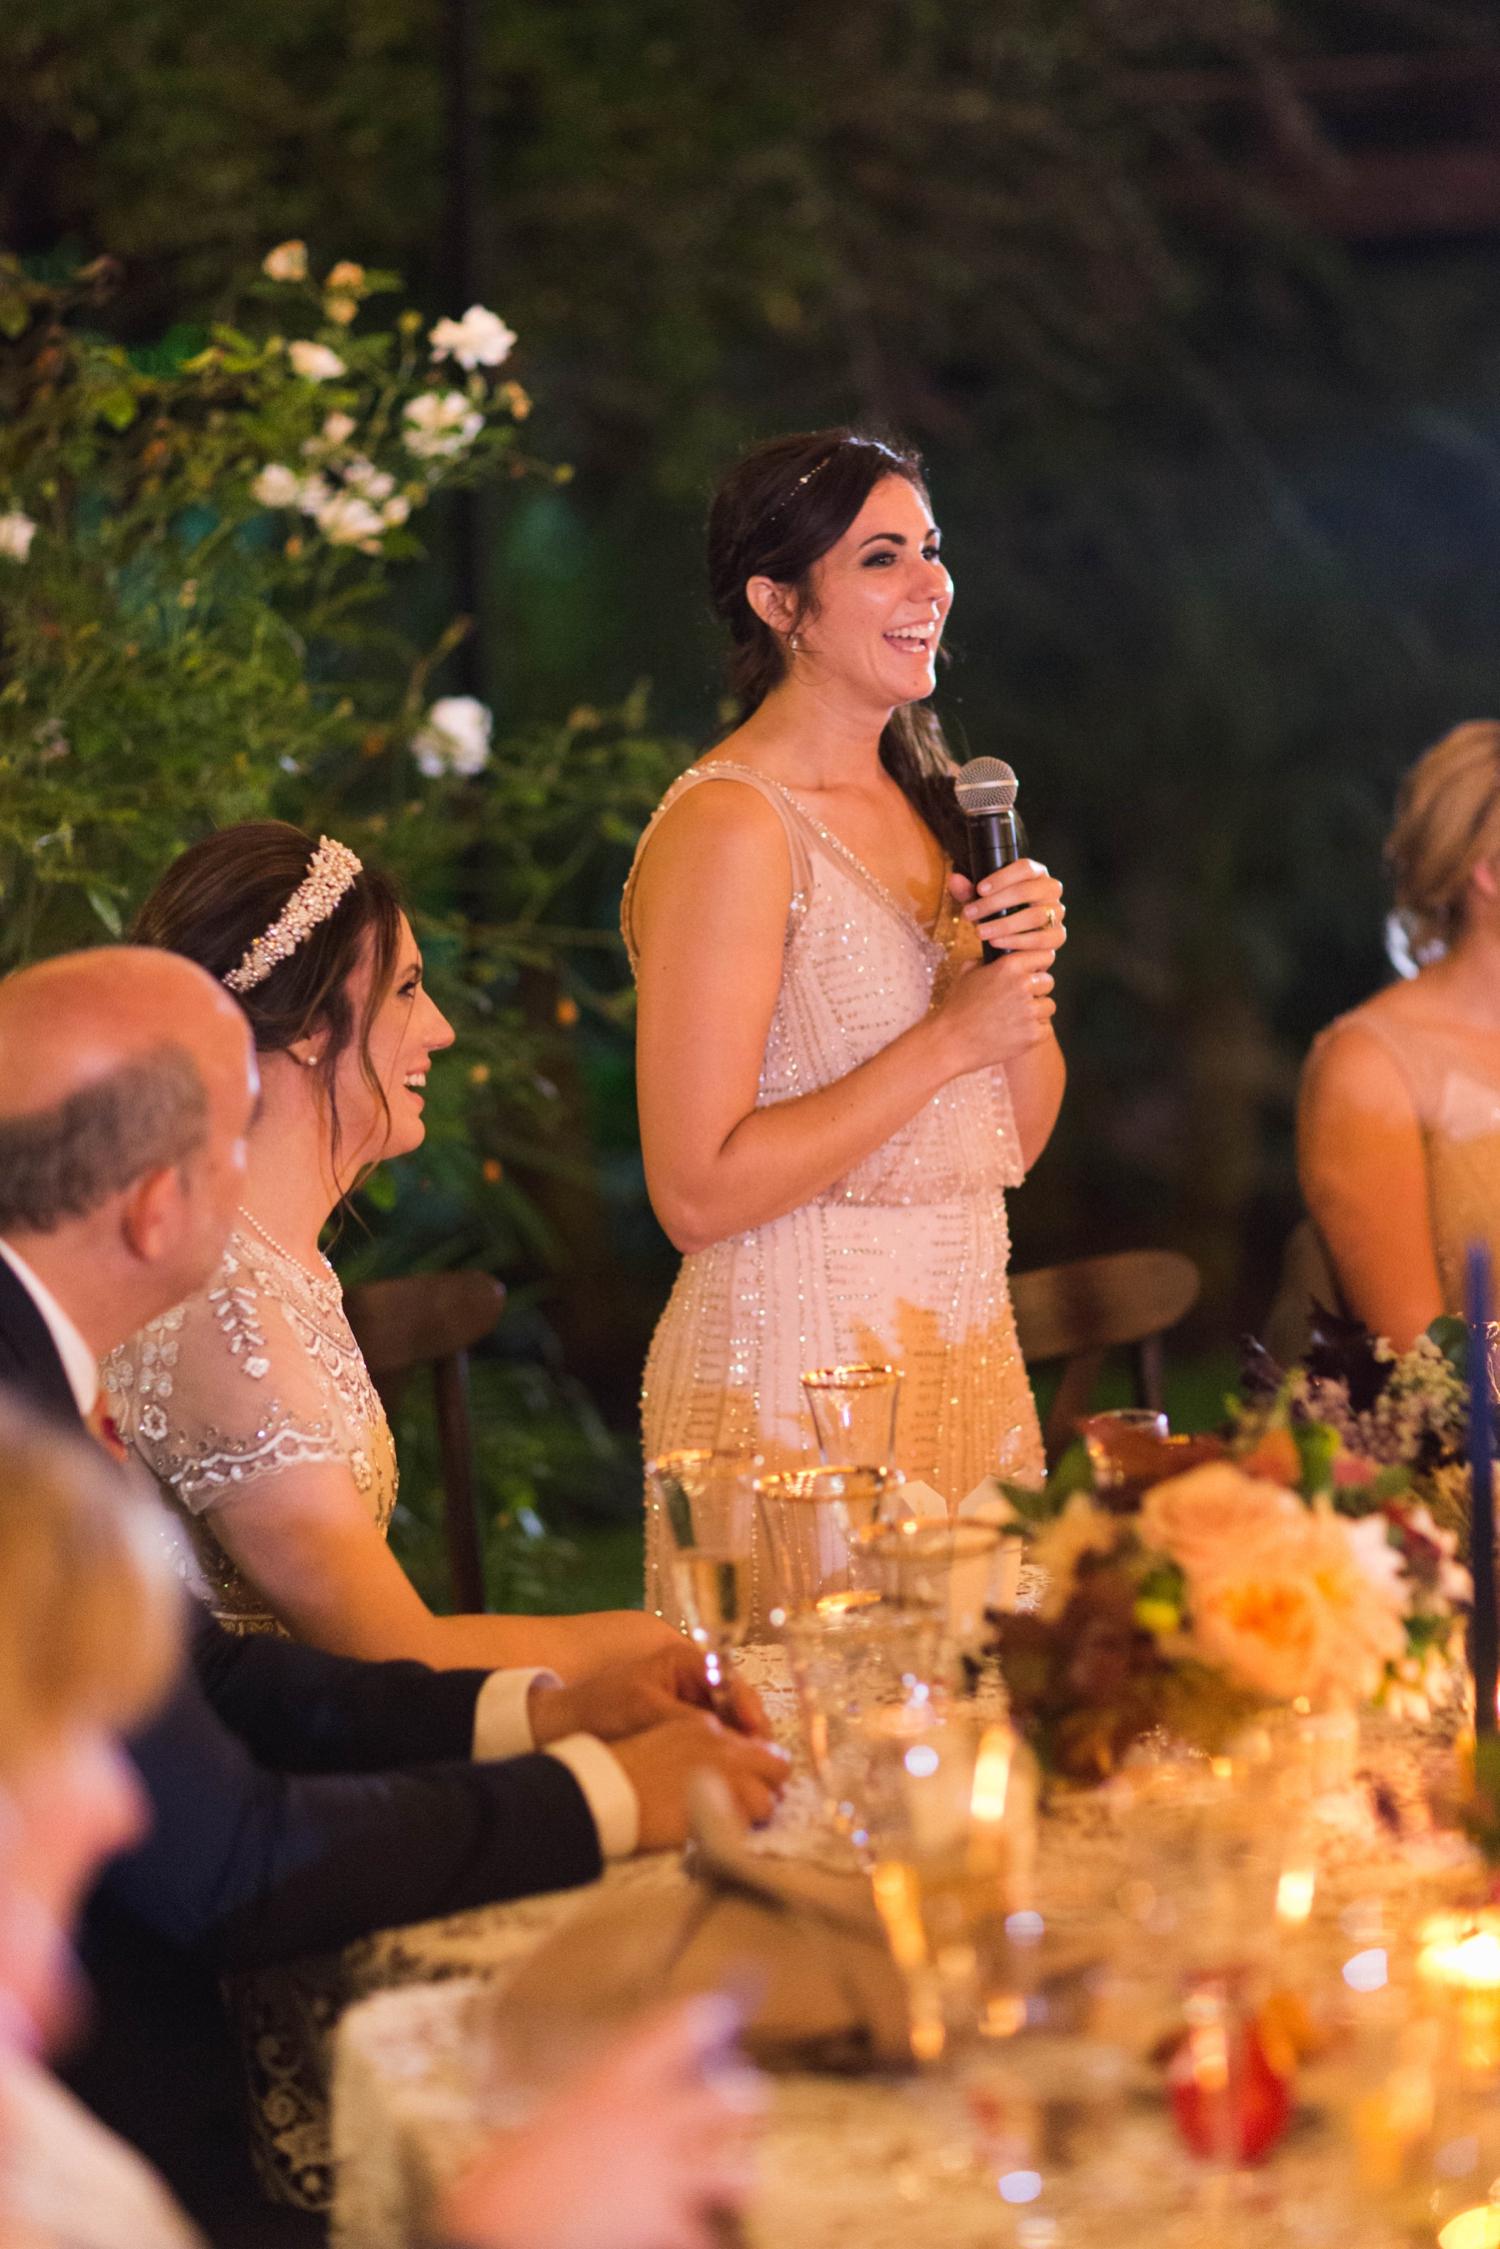 shewanders.coronado.wedding.photography2416.jpg.wedding.photography2416.jpg